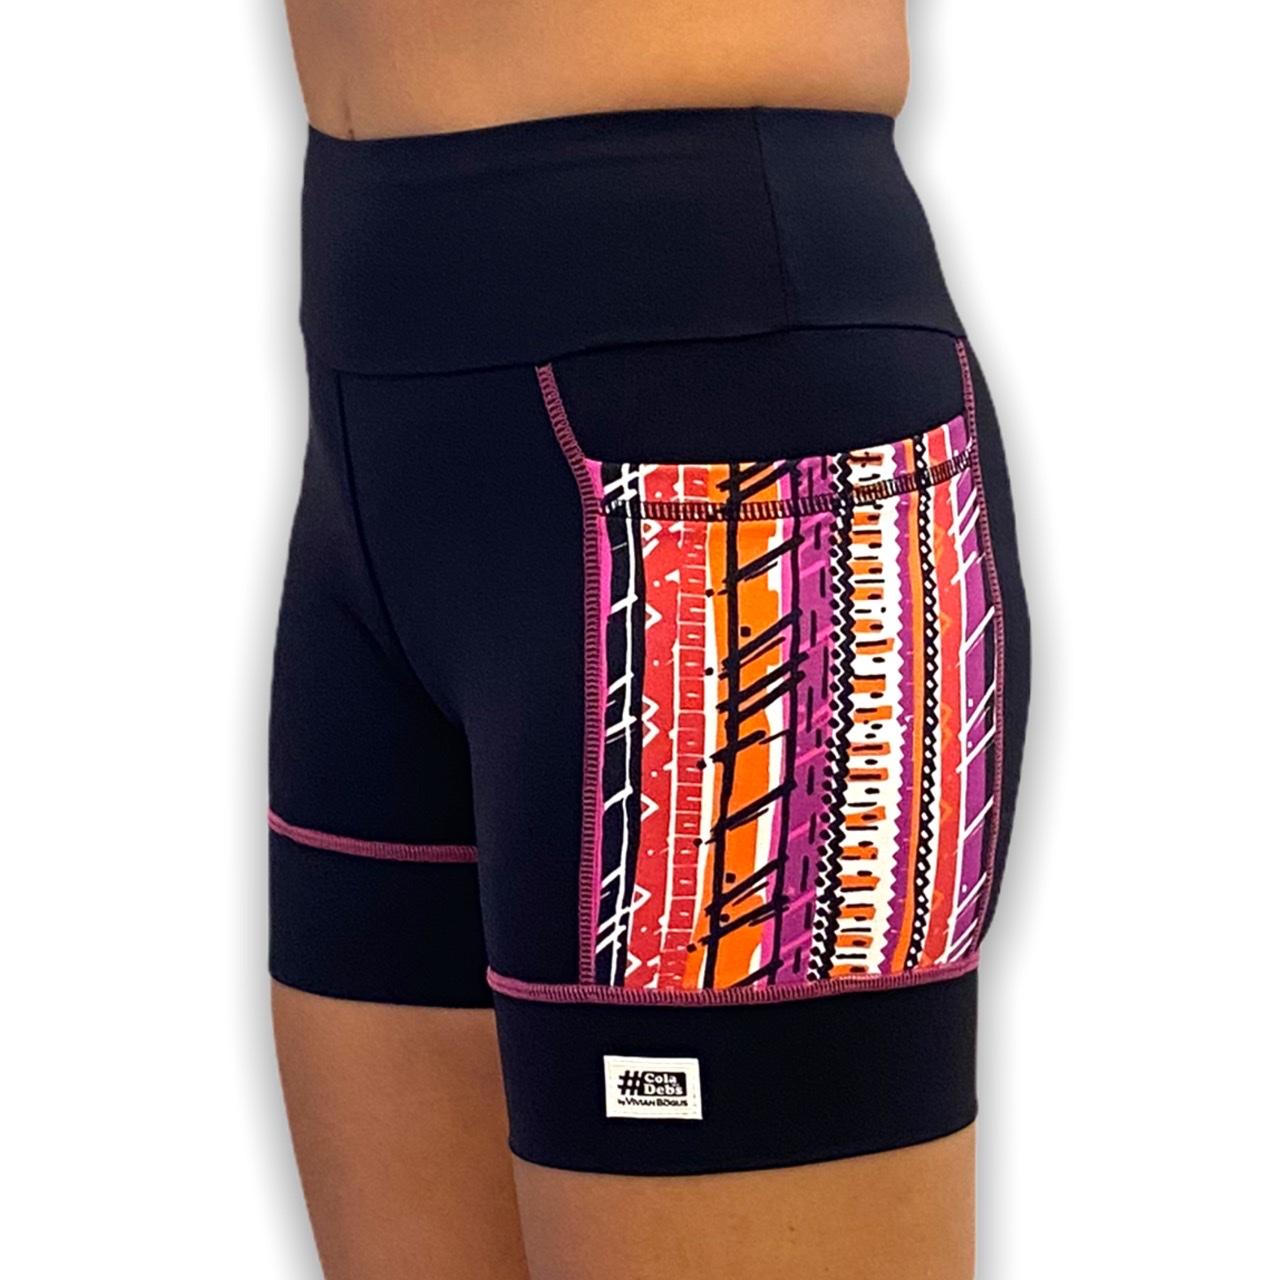 Shorts de compressão Square em sportiva preto com bolsos laterais estampa tribal